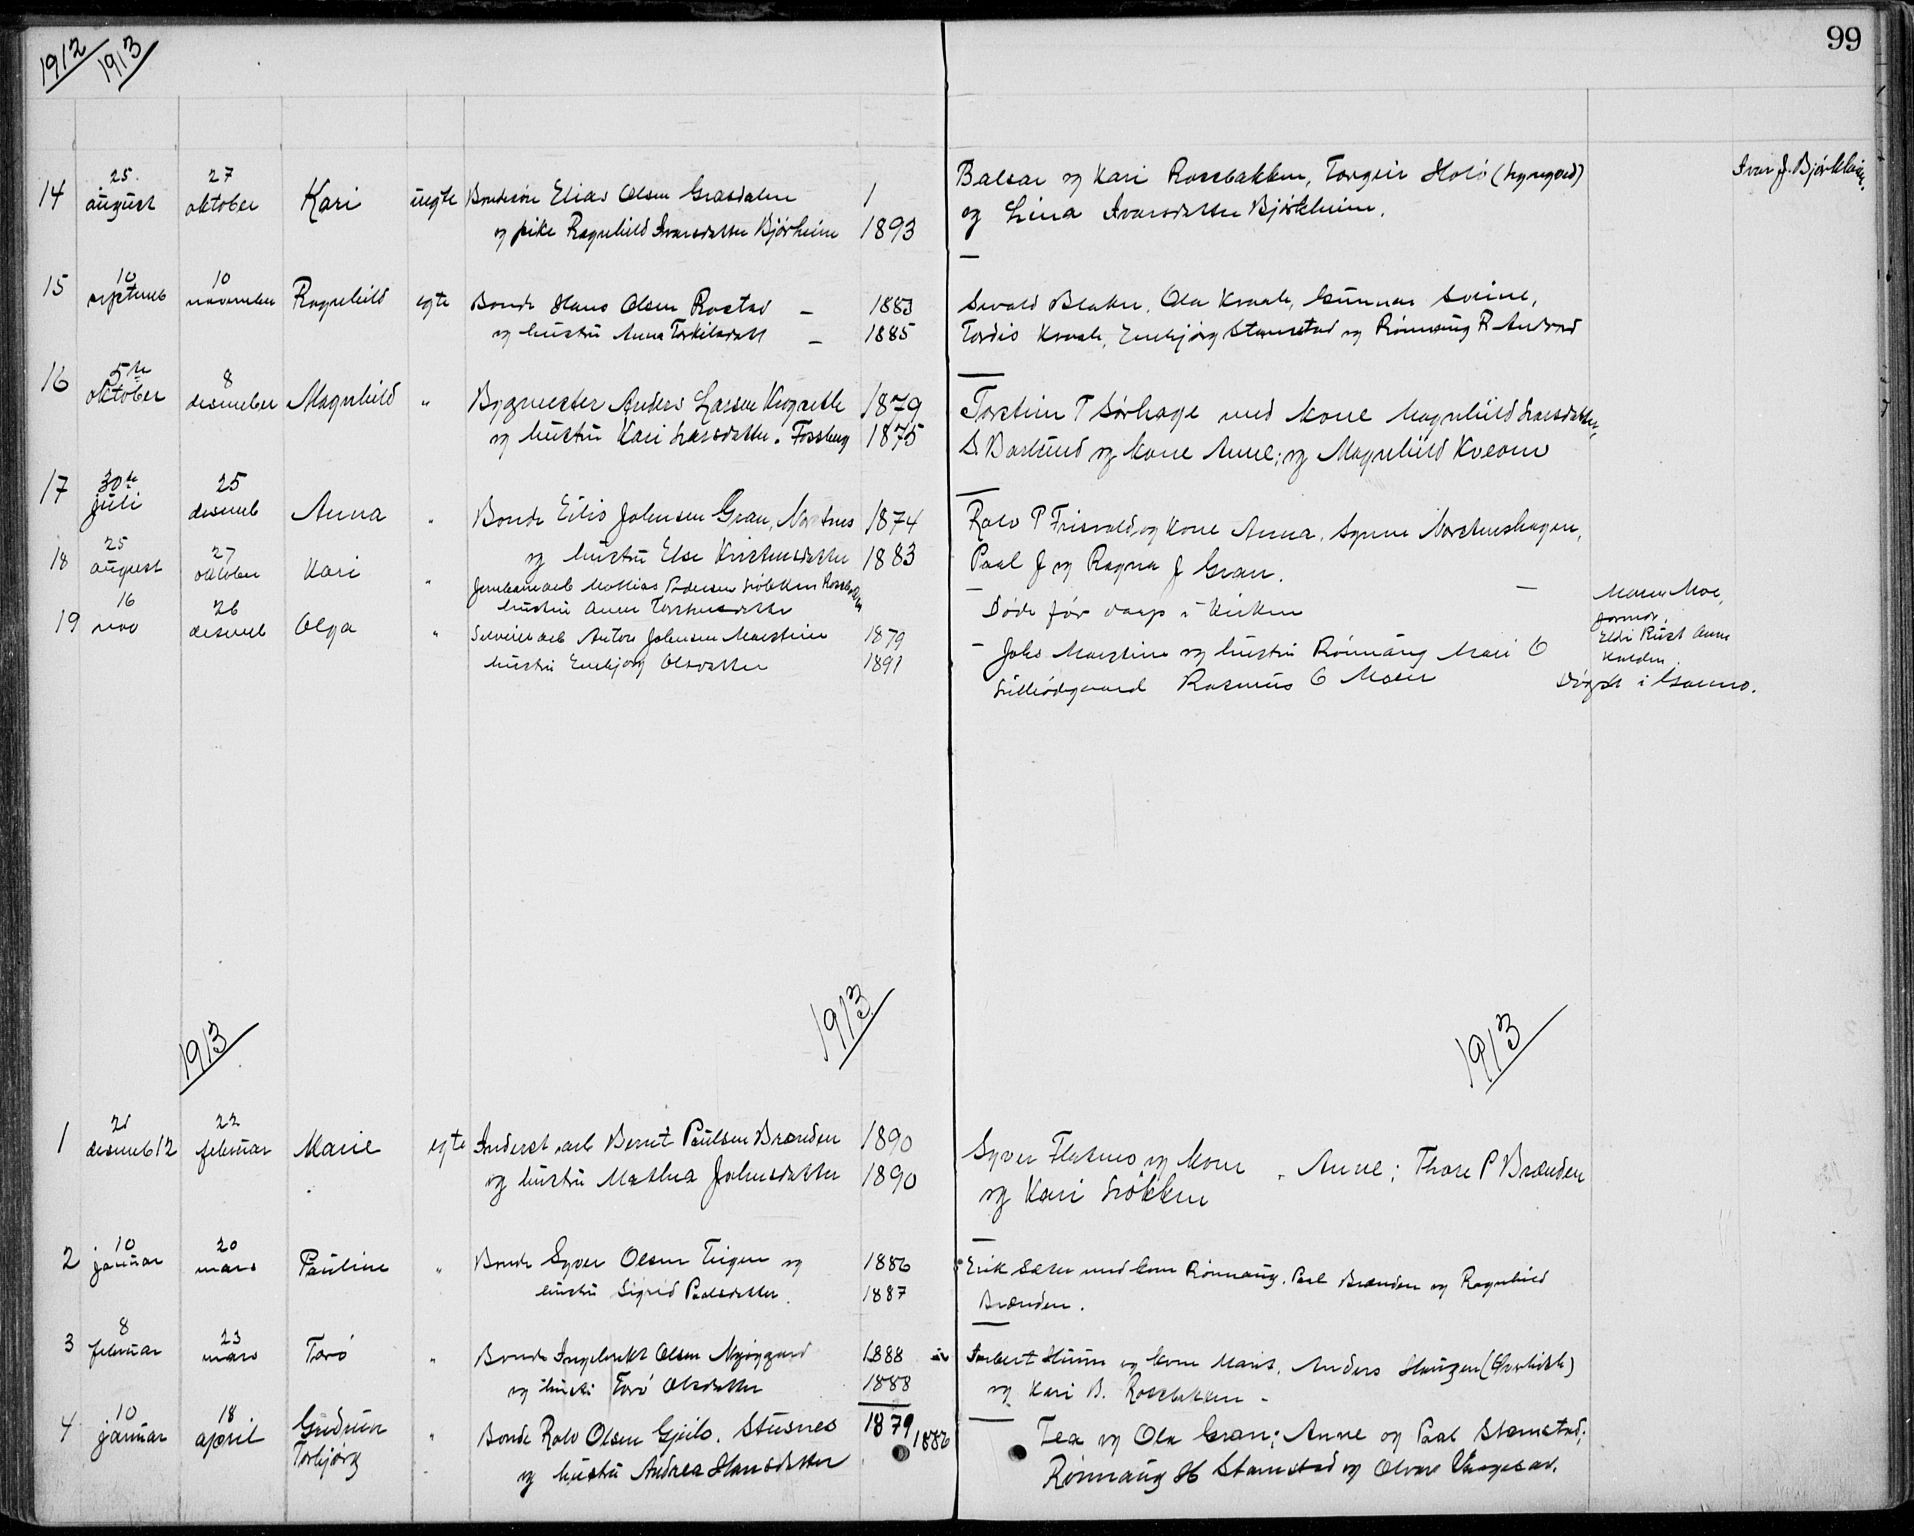 SAH, Lom prestekontor, L/L0013: Klokkerbok nr. 13, 1874-1938, s. 99